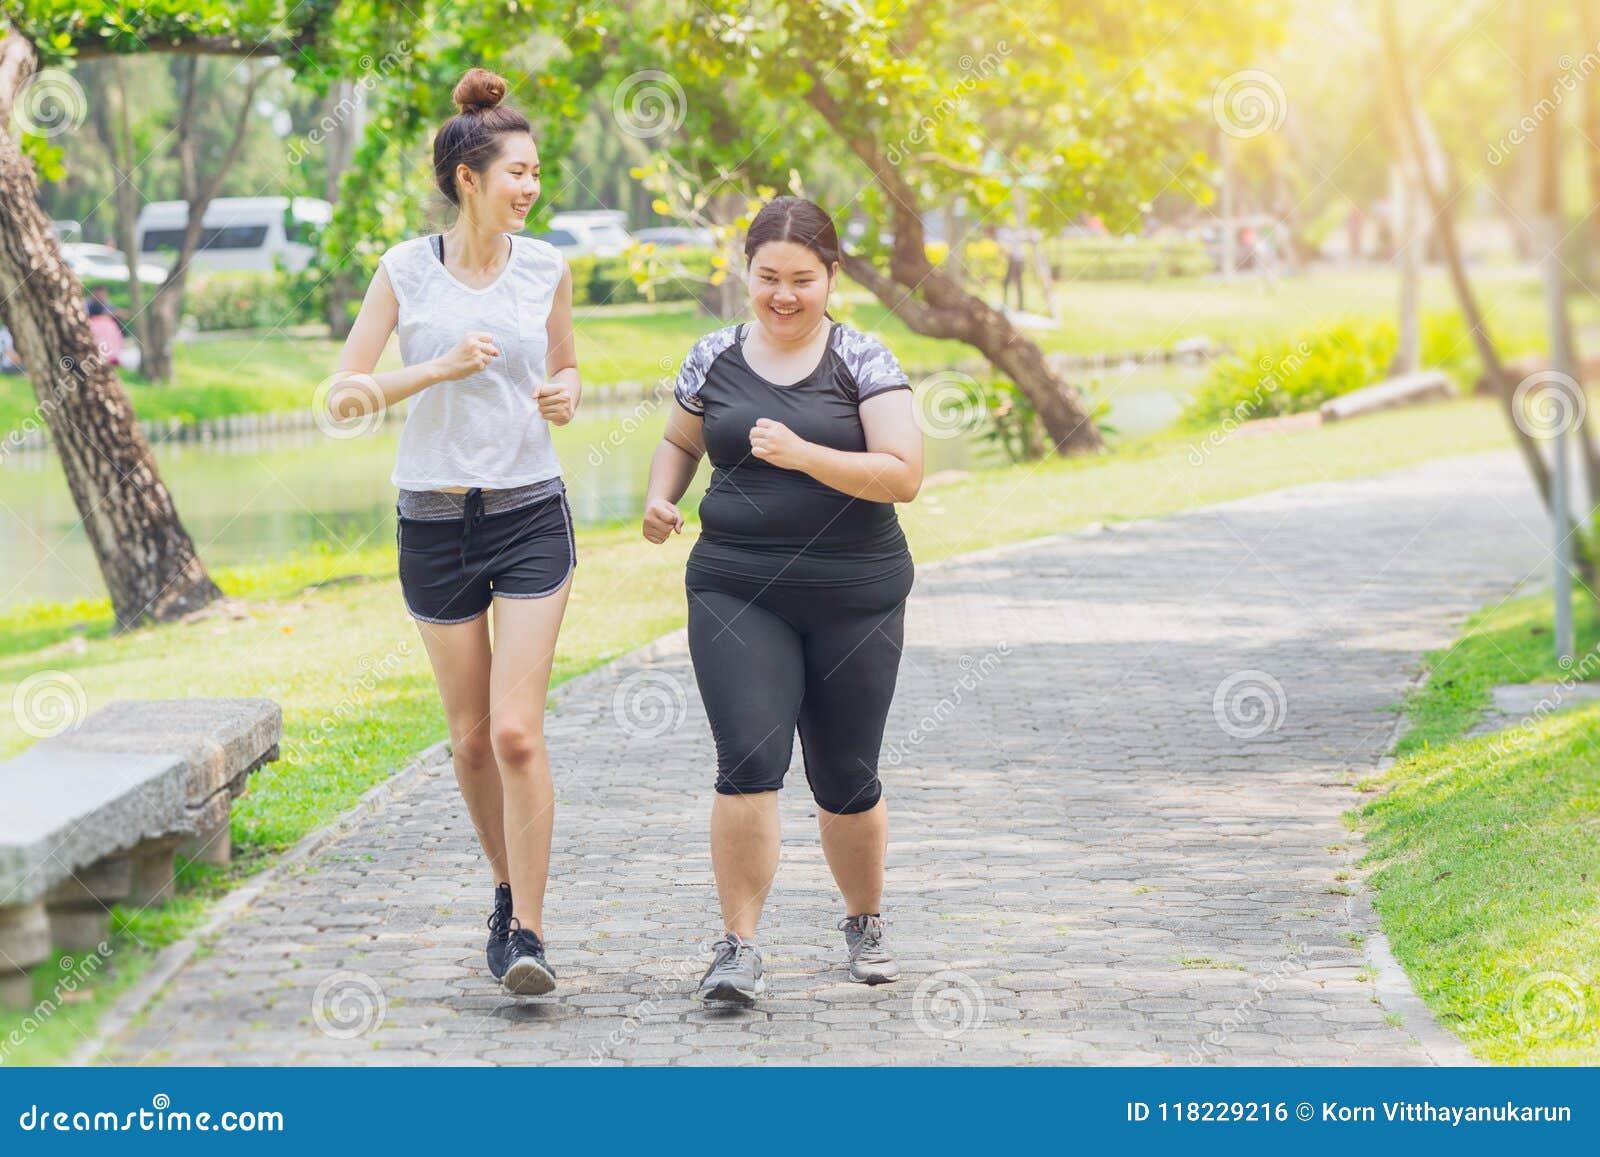 Asiatische jugendlich laufende fette und dünne rüttelnde Freundschaft